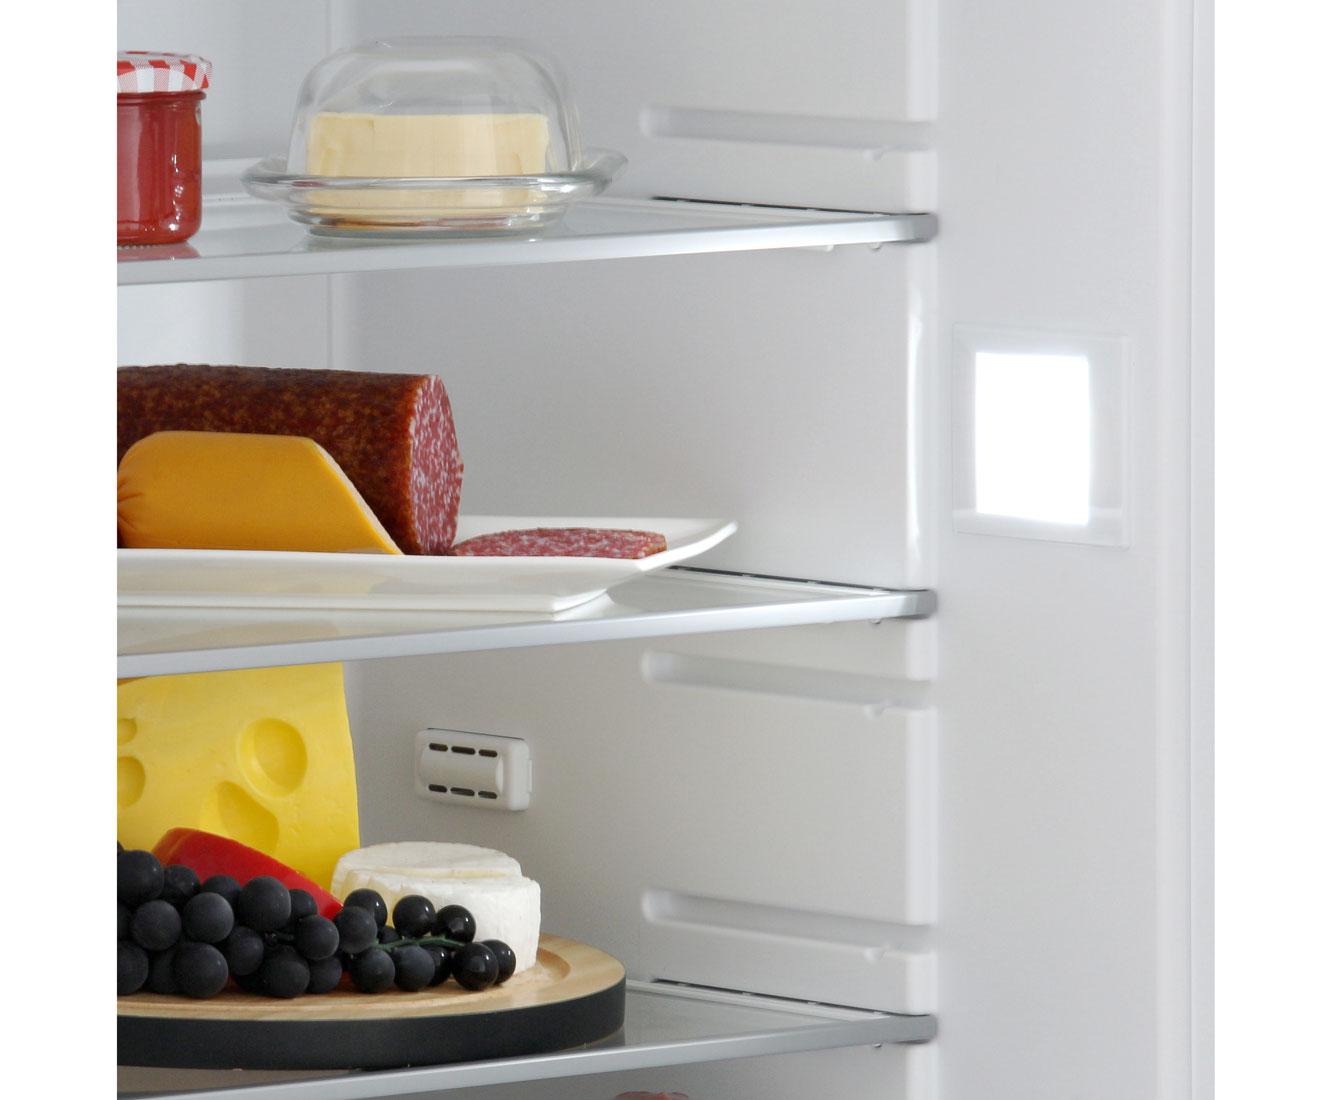 Siemens Kühlschrank In Betrieb Nehmen : Siemens kühlschrank in betrieb nehmen siemens kühlschrank silber